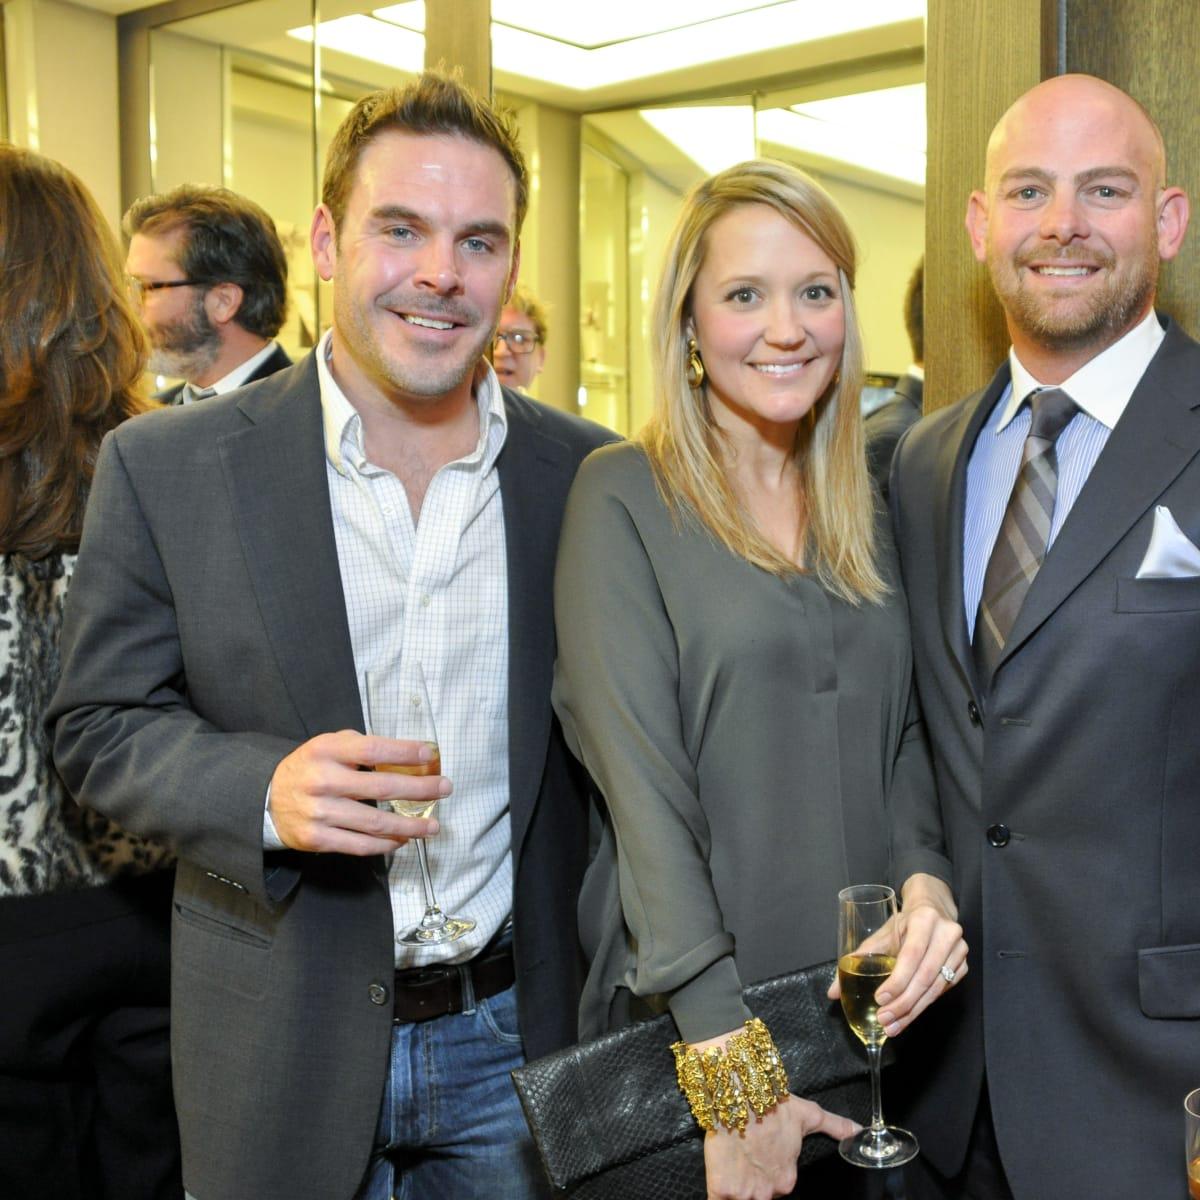 13, Andre Johnson/Burberry, December 2012, Chris Williams, Jillian Seerden, Ralph Manginello